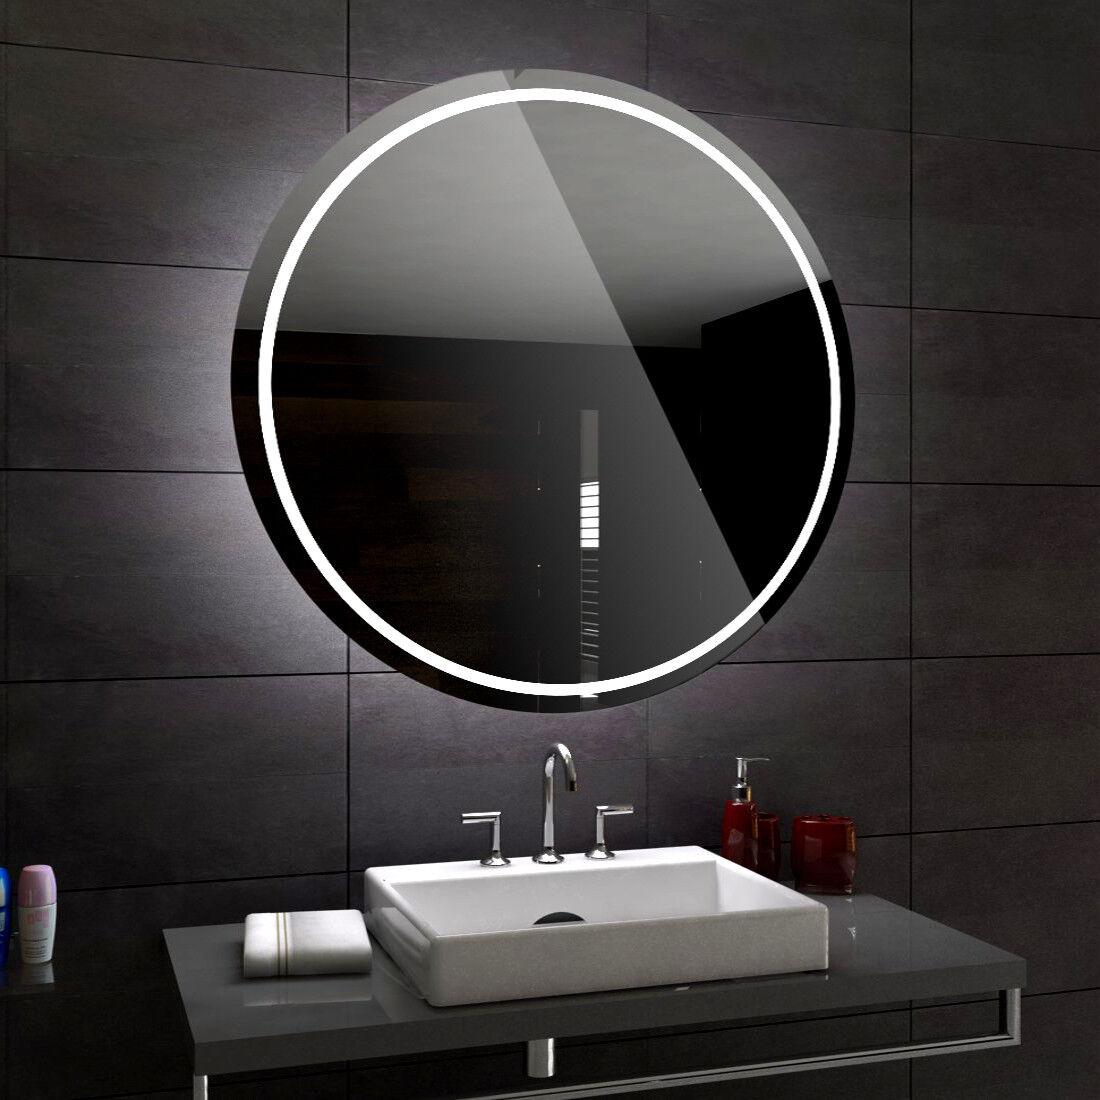 Londres rond lumineux DEL Miroir de salle de bain taille personnalisée variantes   pour mesurer